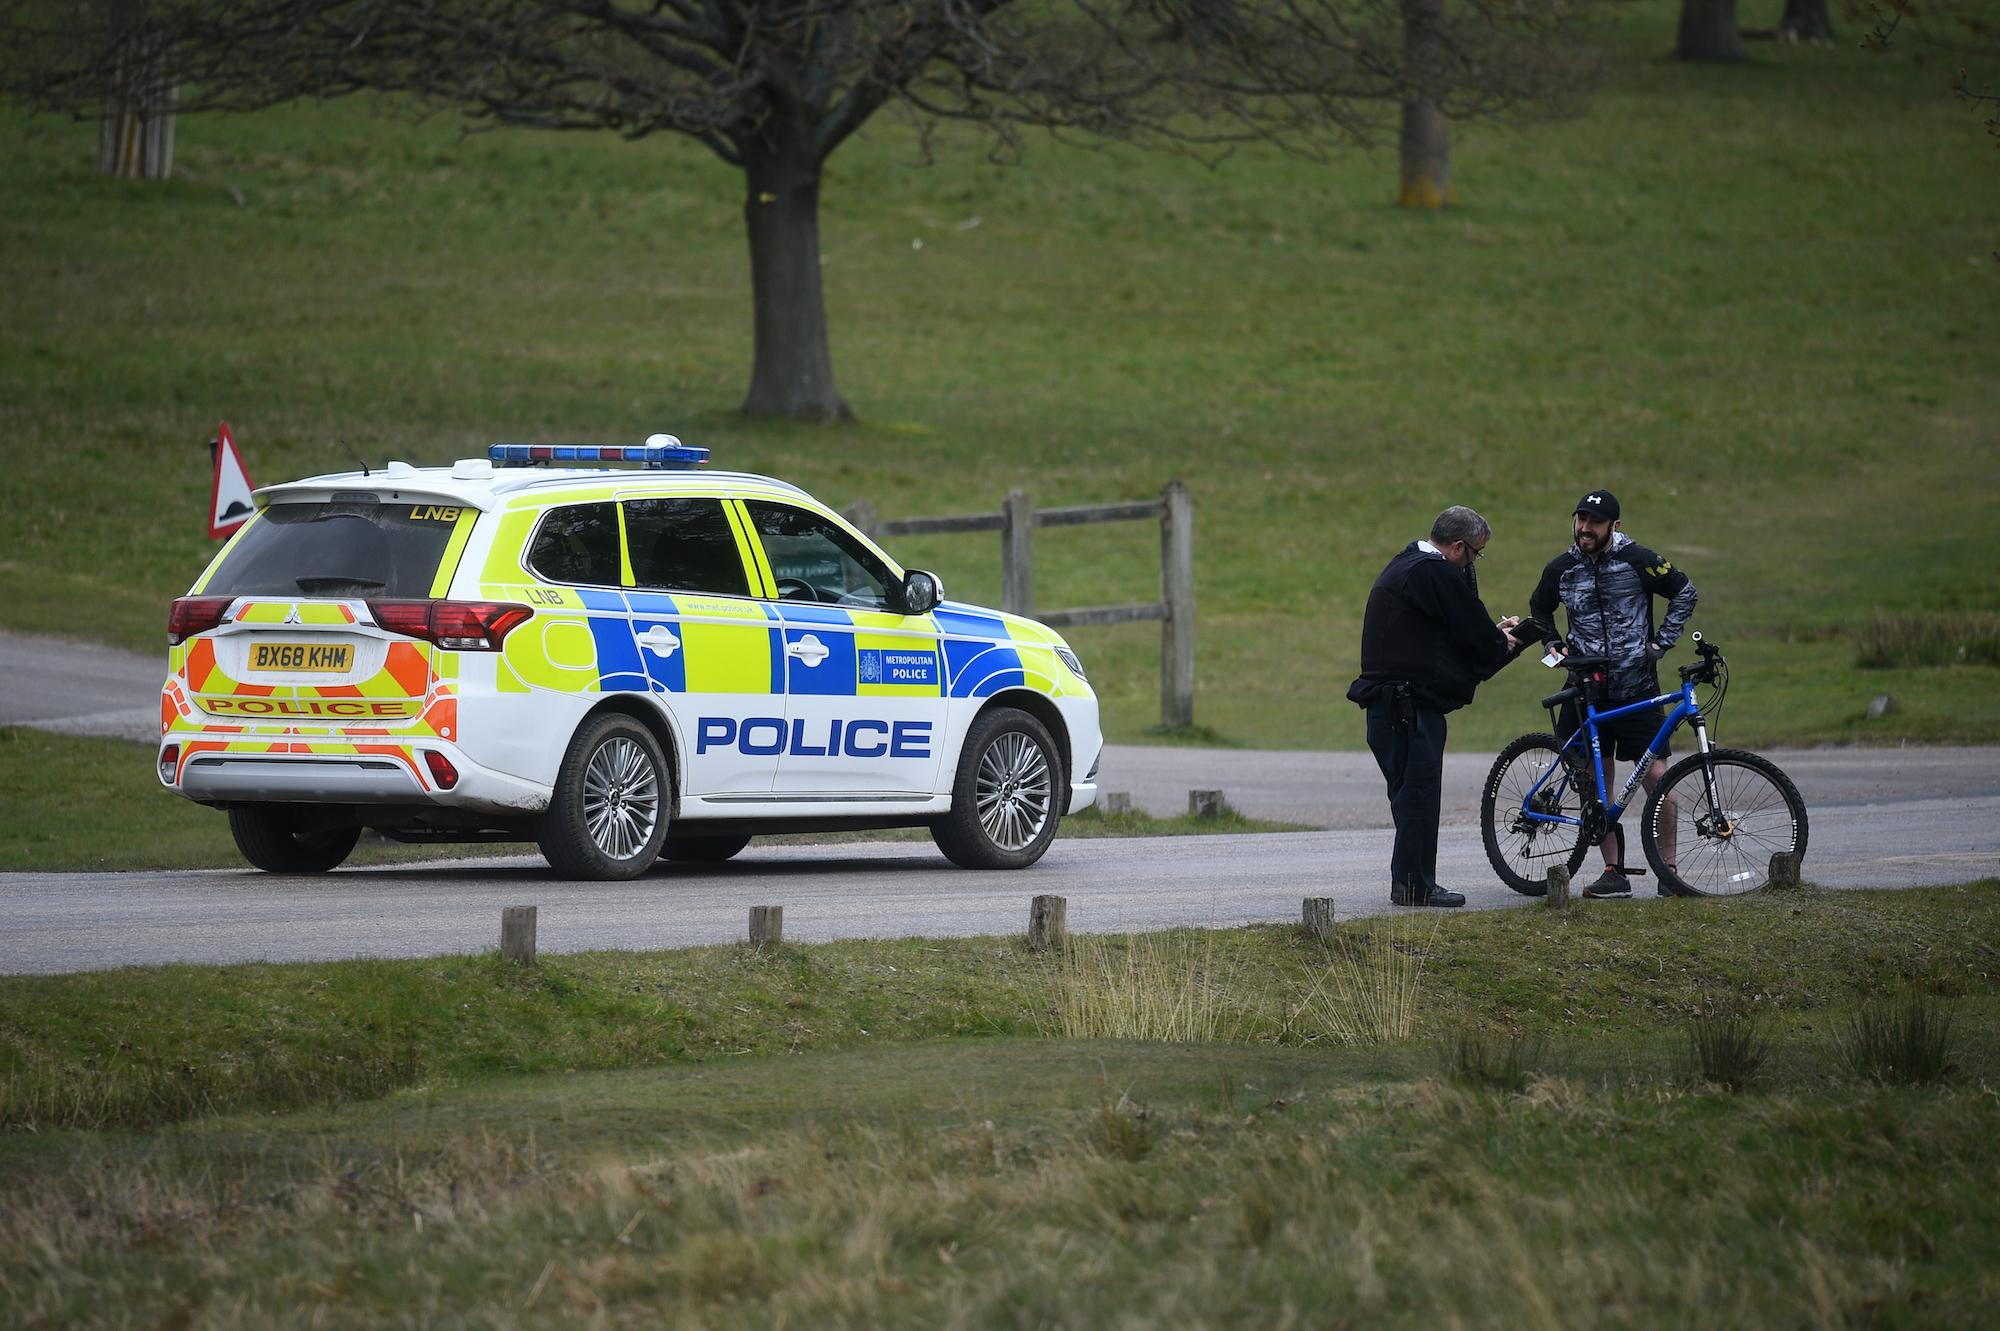 La policía insta a los ciclistas a ser cautelosos después de múltiples robos de bicicletas en Richmond Park